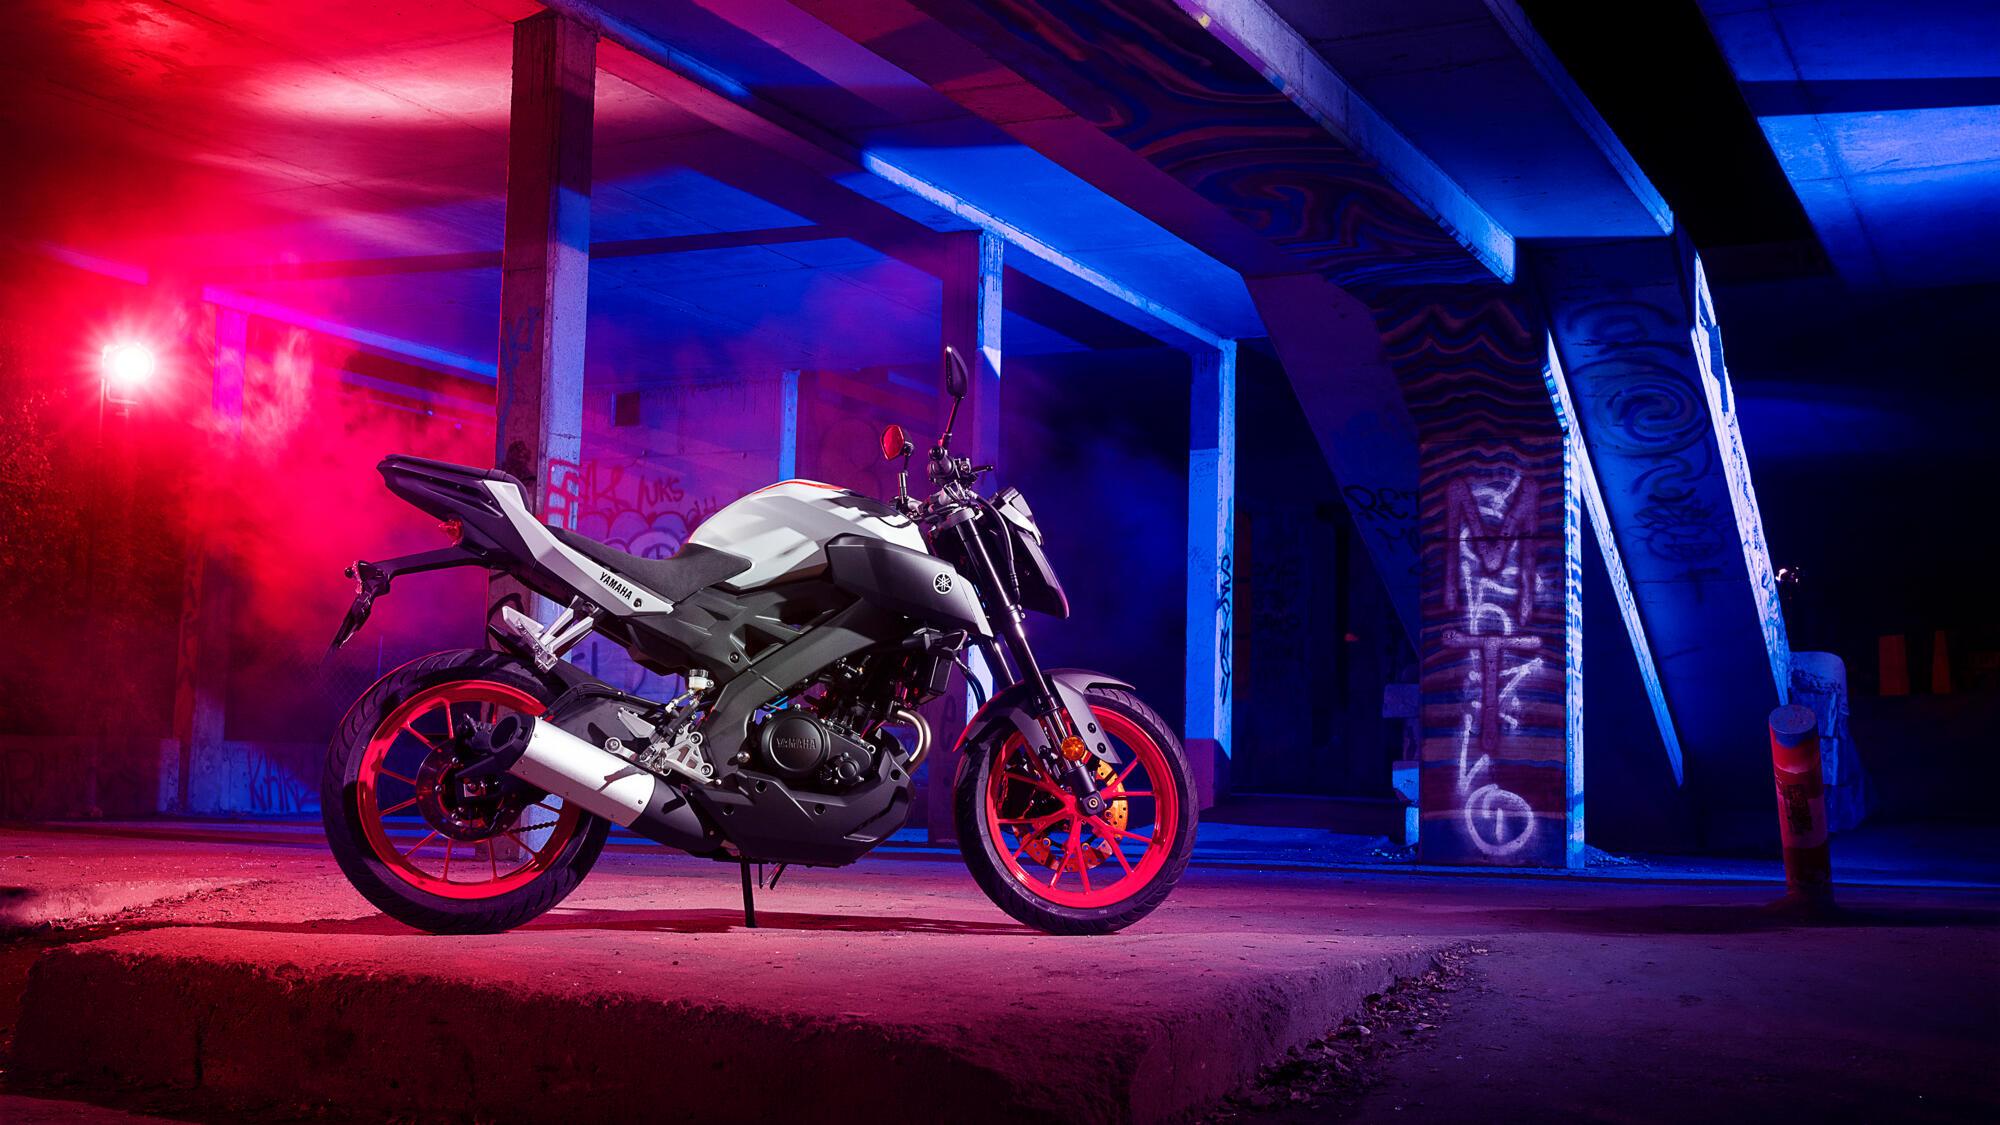 Mt-125 - Motorcycles - Yme Website-2620